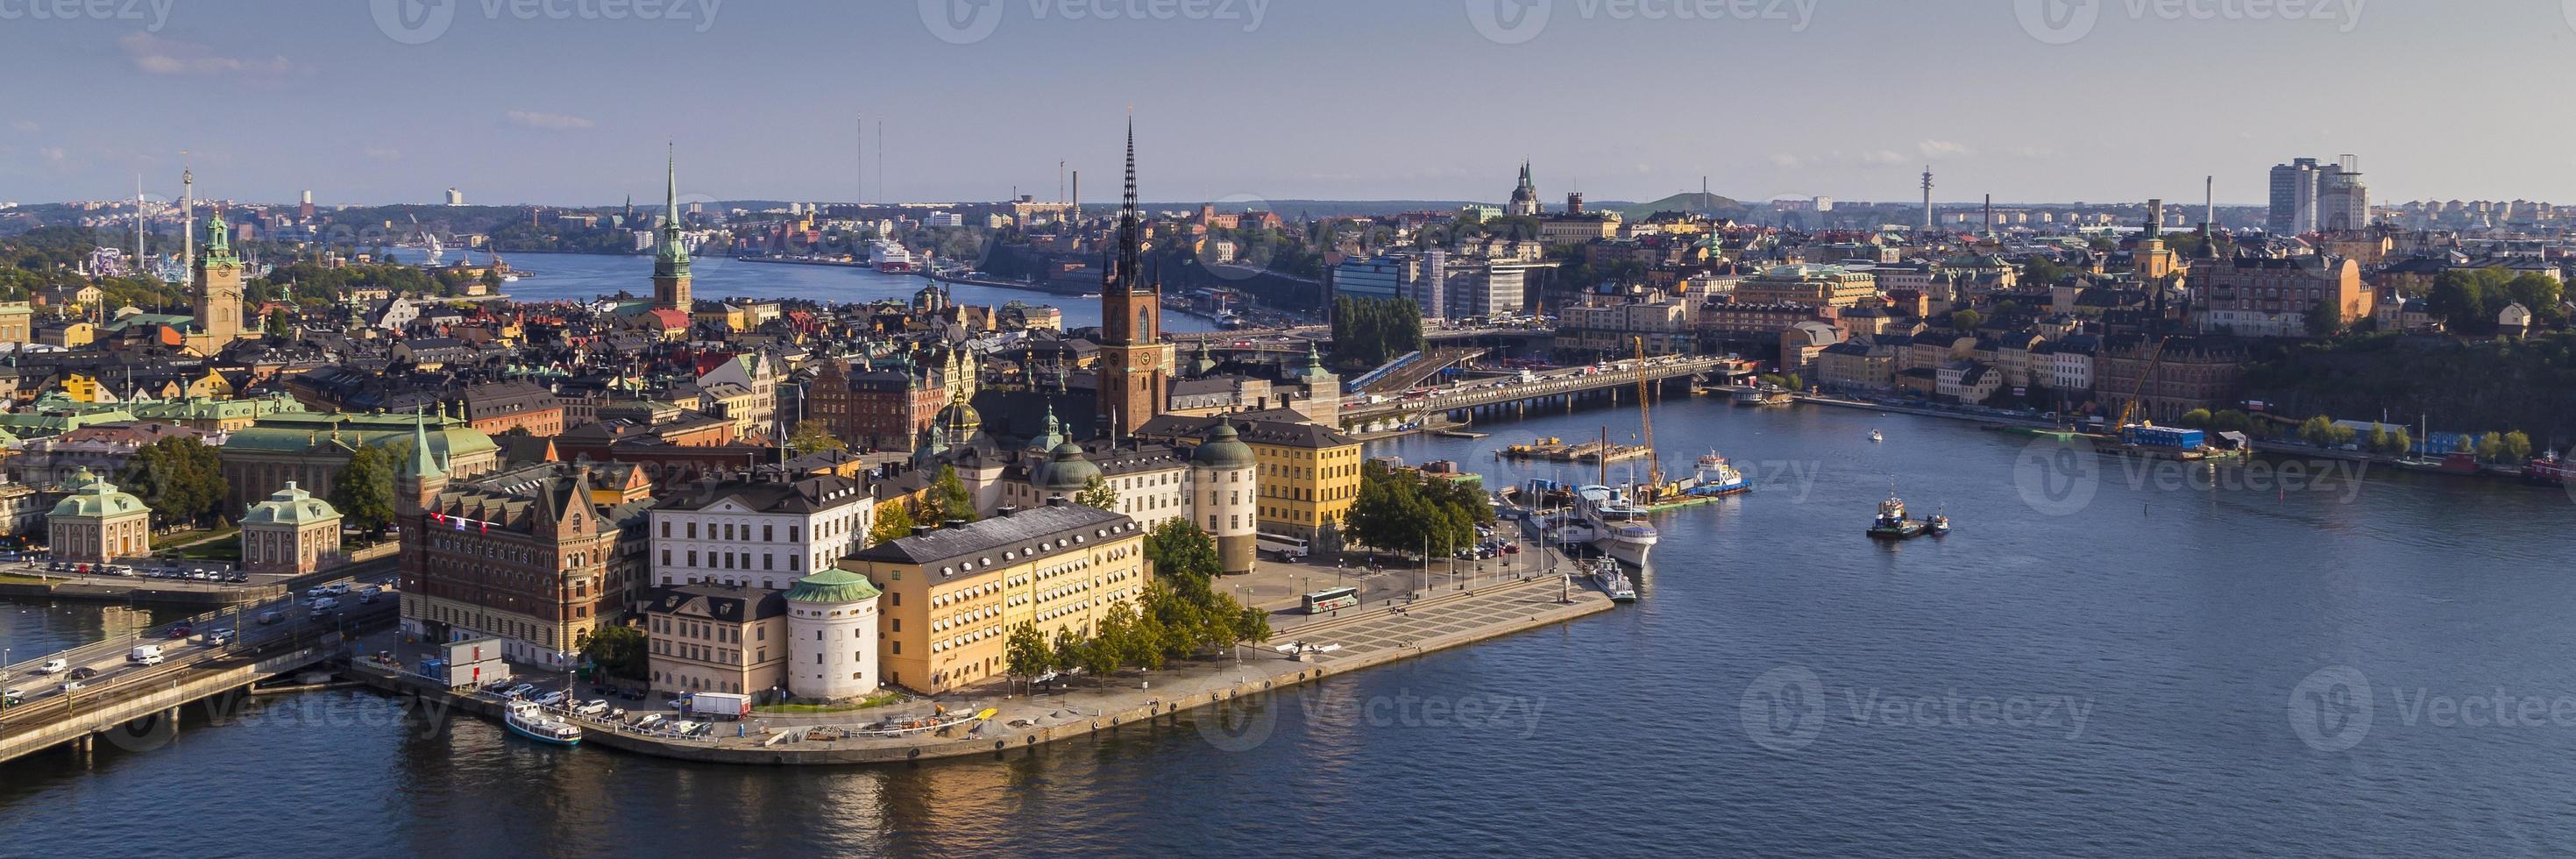 utsikt över gamla stan i stockholm foto